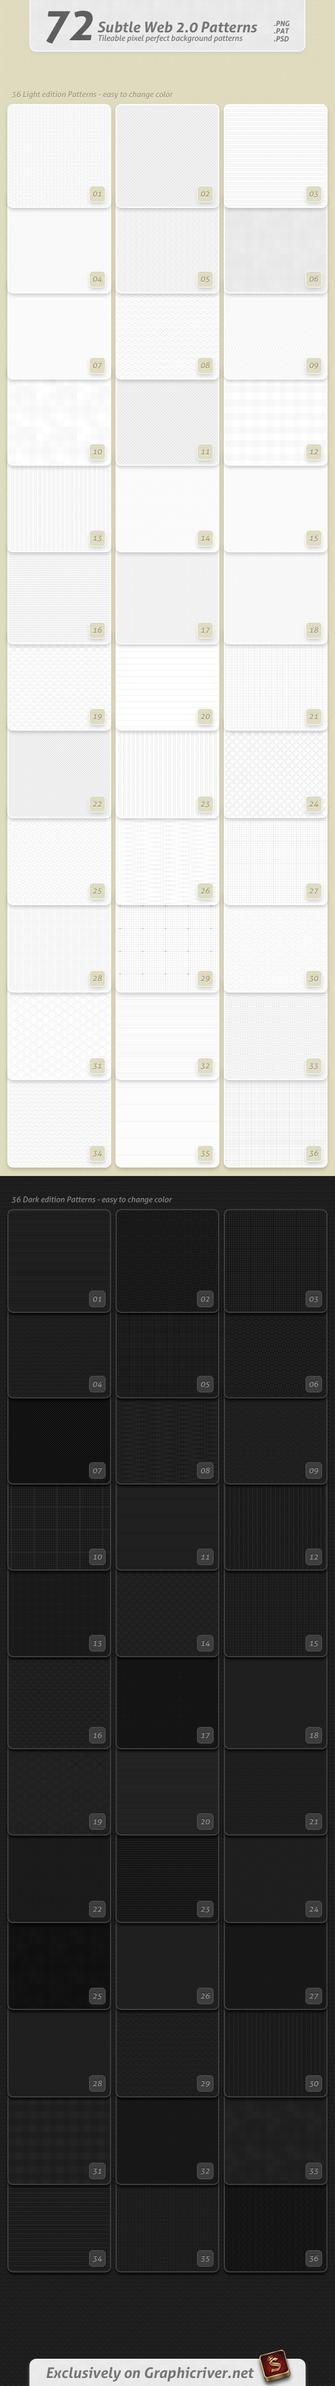 Subtle Web 2.0 Patterns by survivorcz